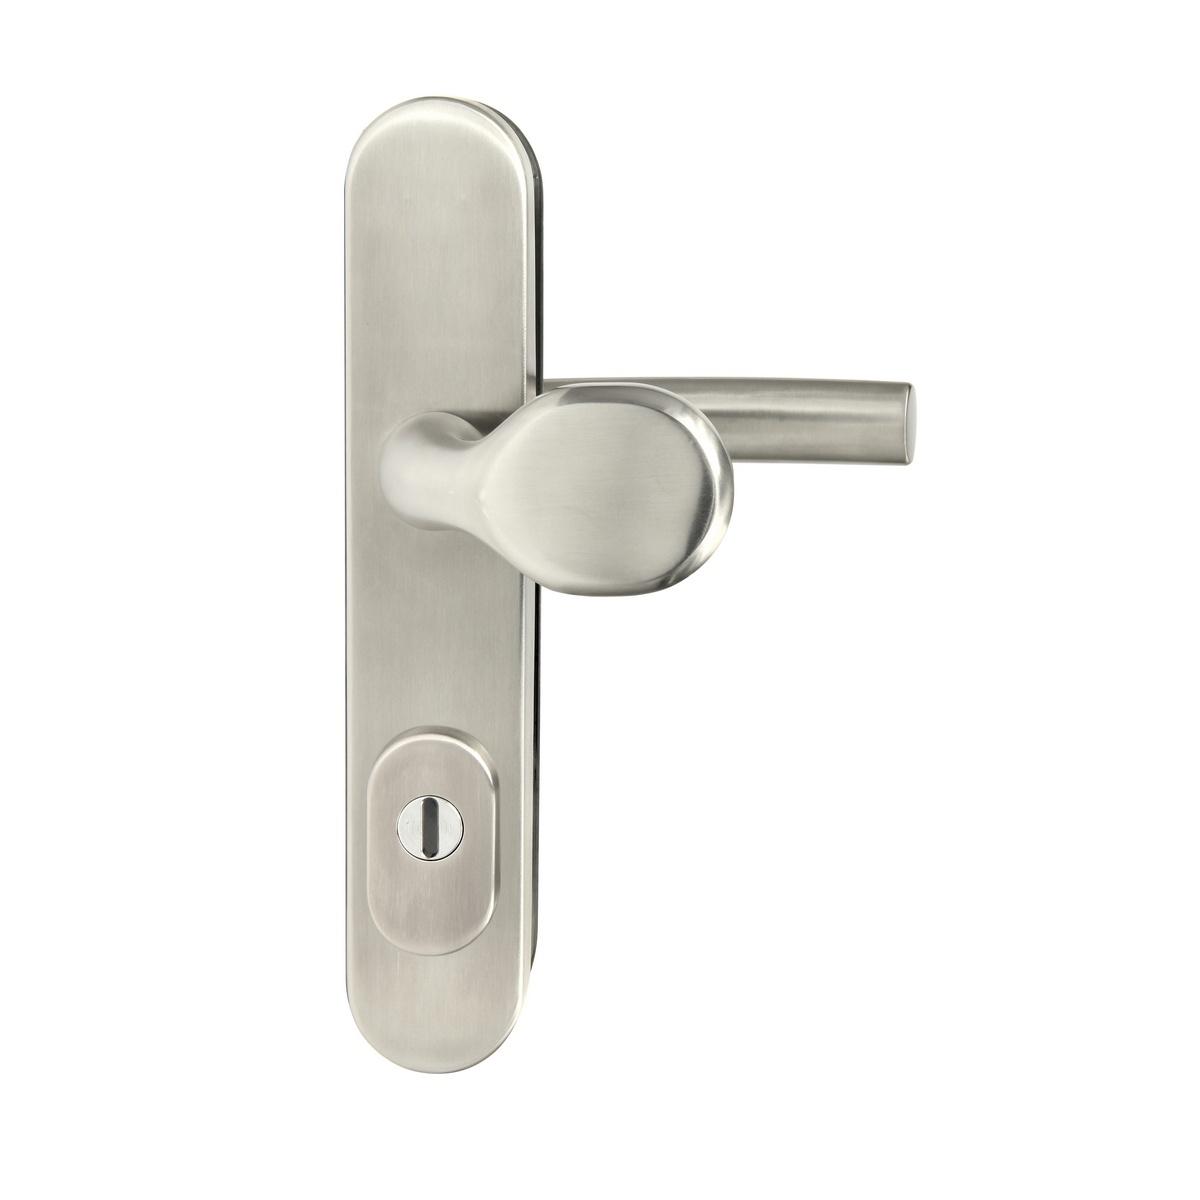 Dveřní bezpečnostní kování s madlem, R.701.ZB.90.N.TB4